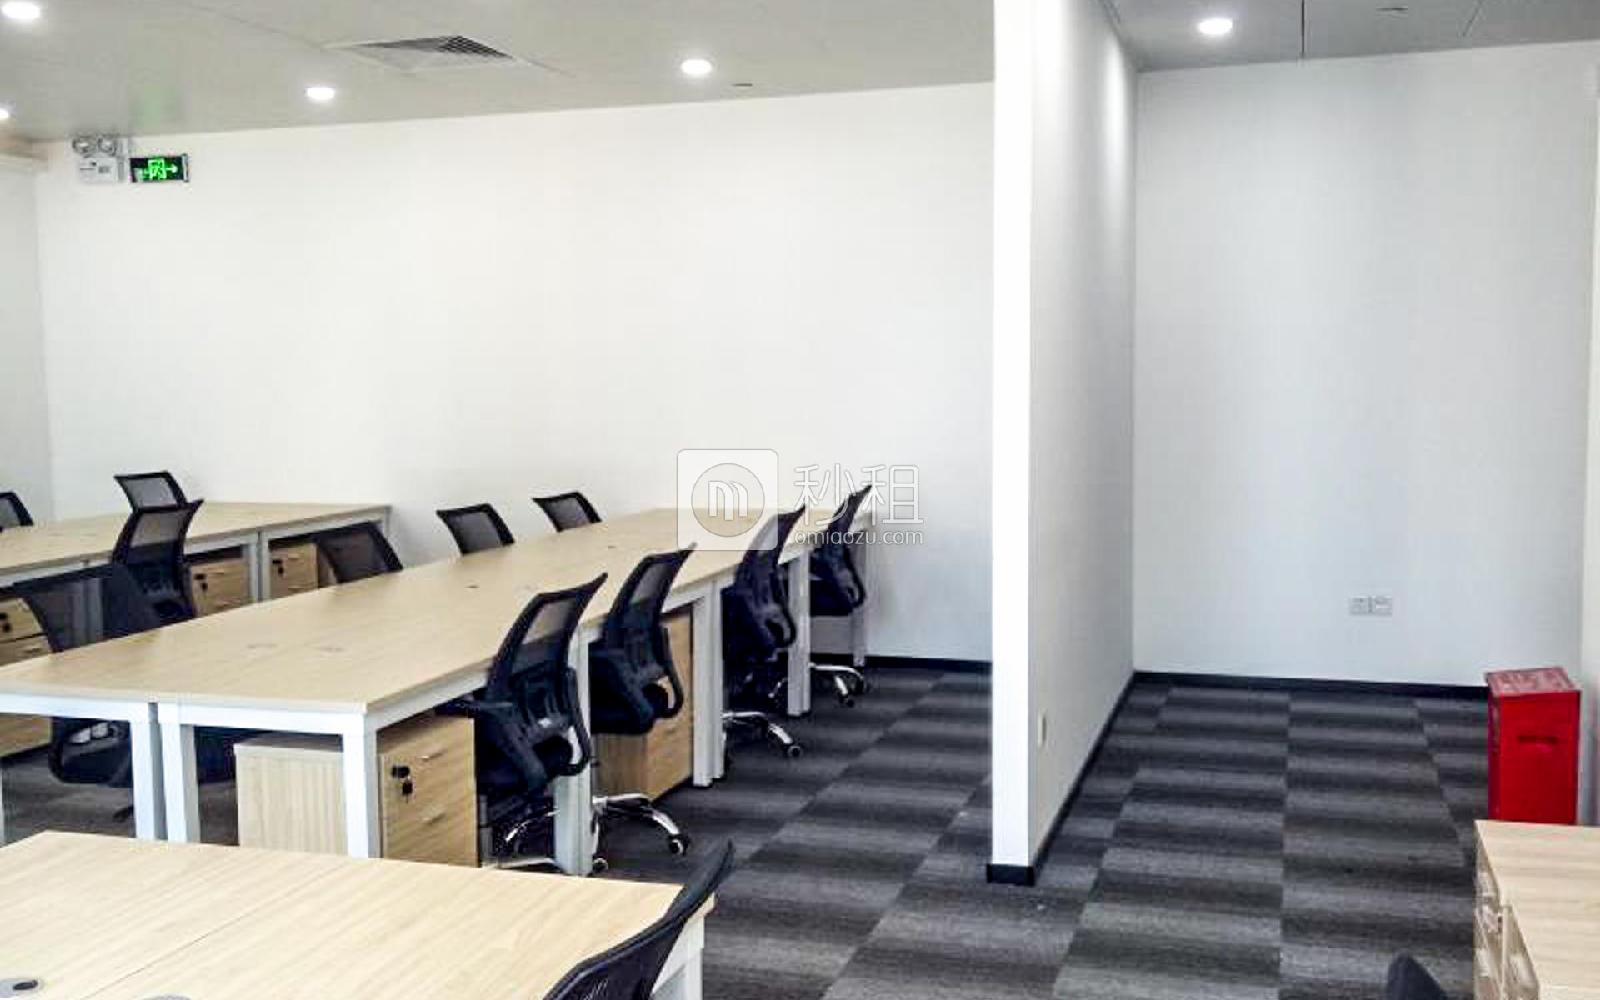 枫叶城市酒店-天信中心写字楼出租90平米简装办公室7900元/月